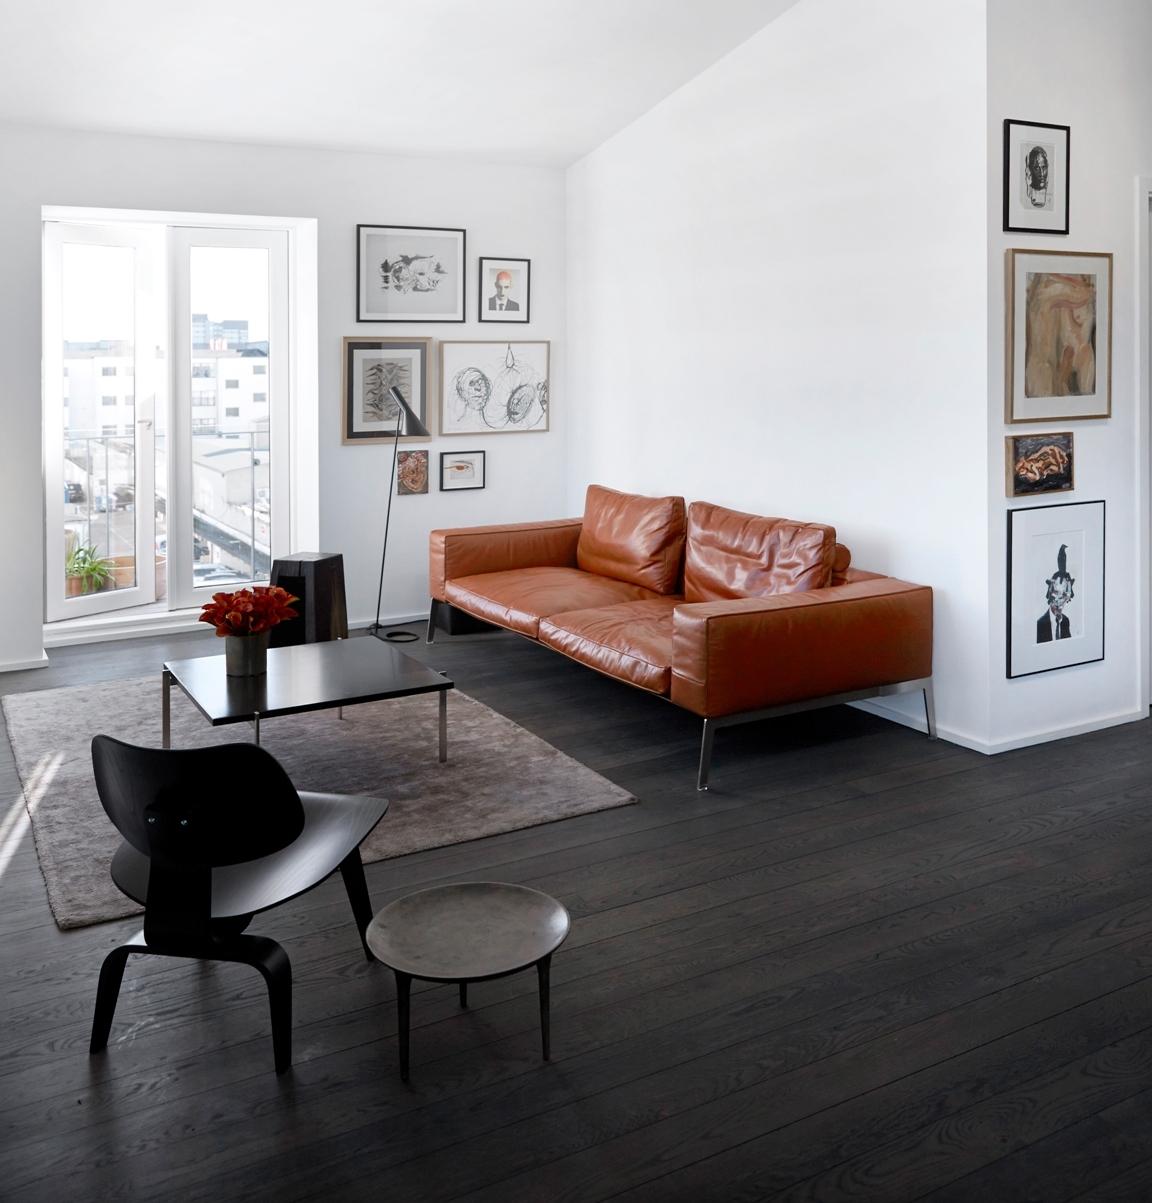 Темно-оранжевый кожаный диван в черно-белом интерьере